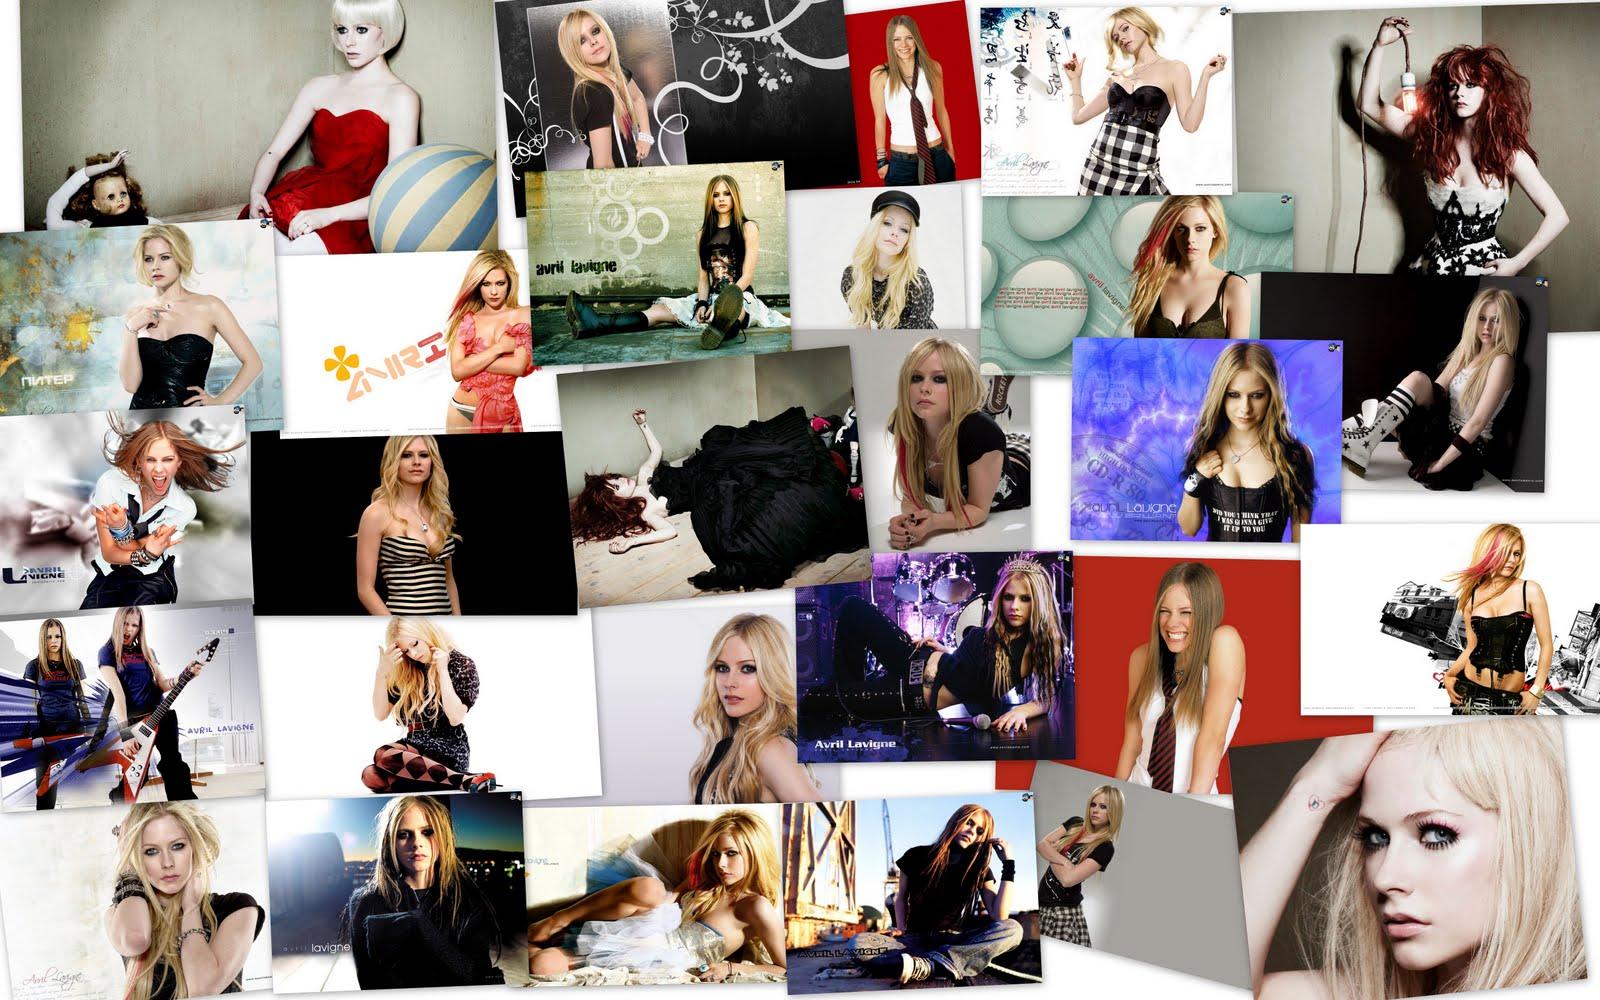 http://3.bp.blogspot.com/_DJZSrQkWQCo/S8fHdI01u5I/AAAAAAAAANk/Z02K9h8wqT4/s1600/collage%20(9).jpg